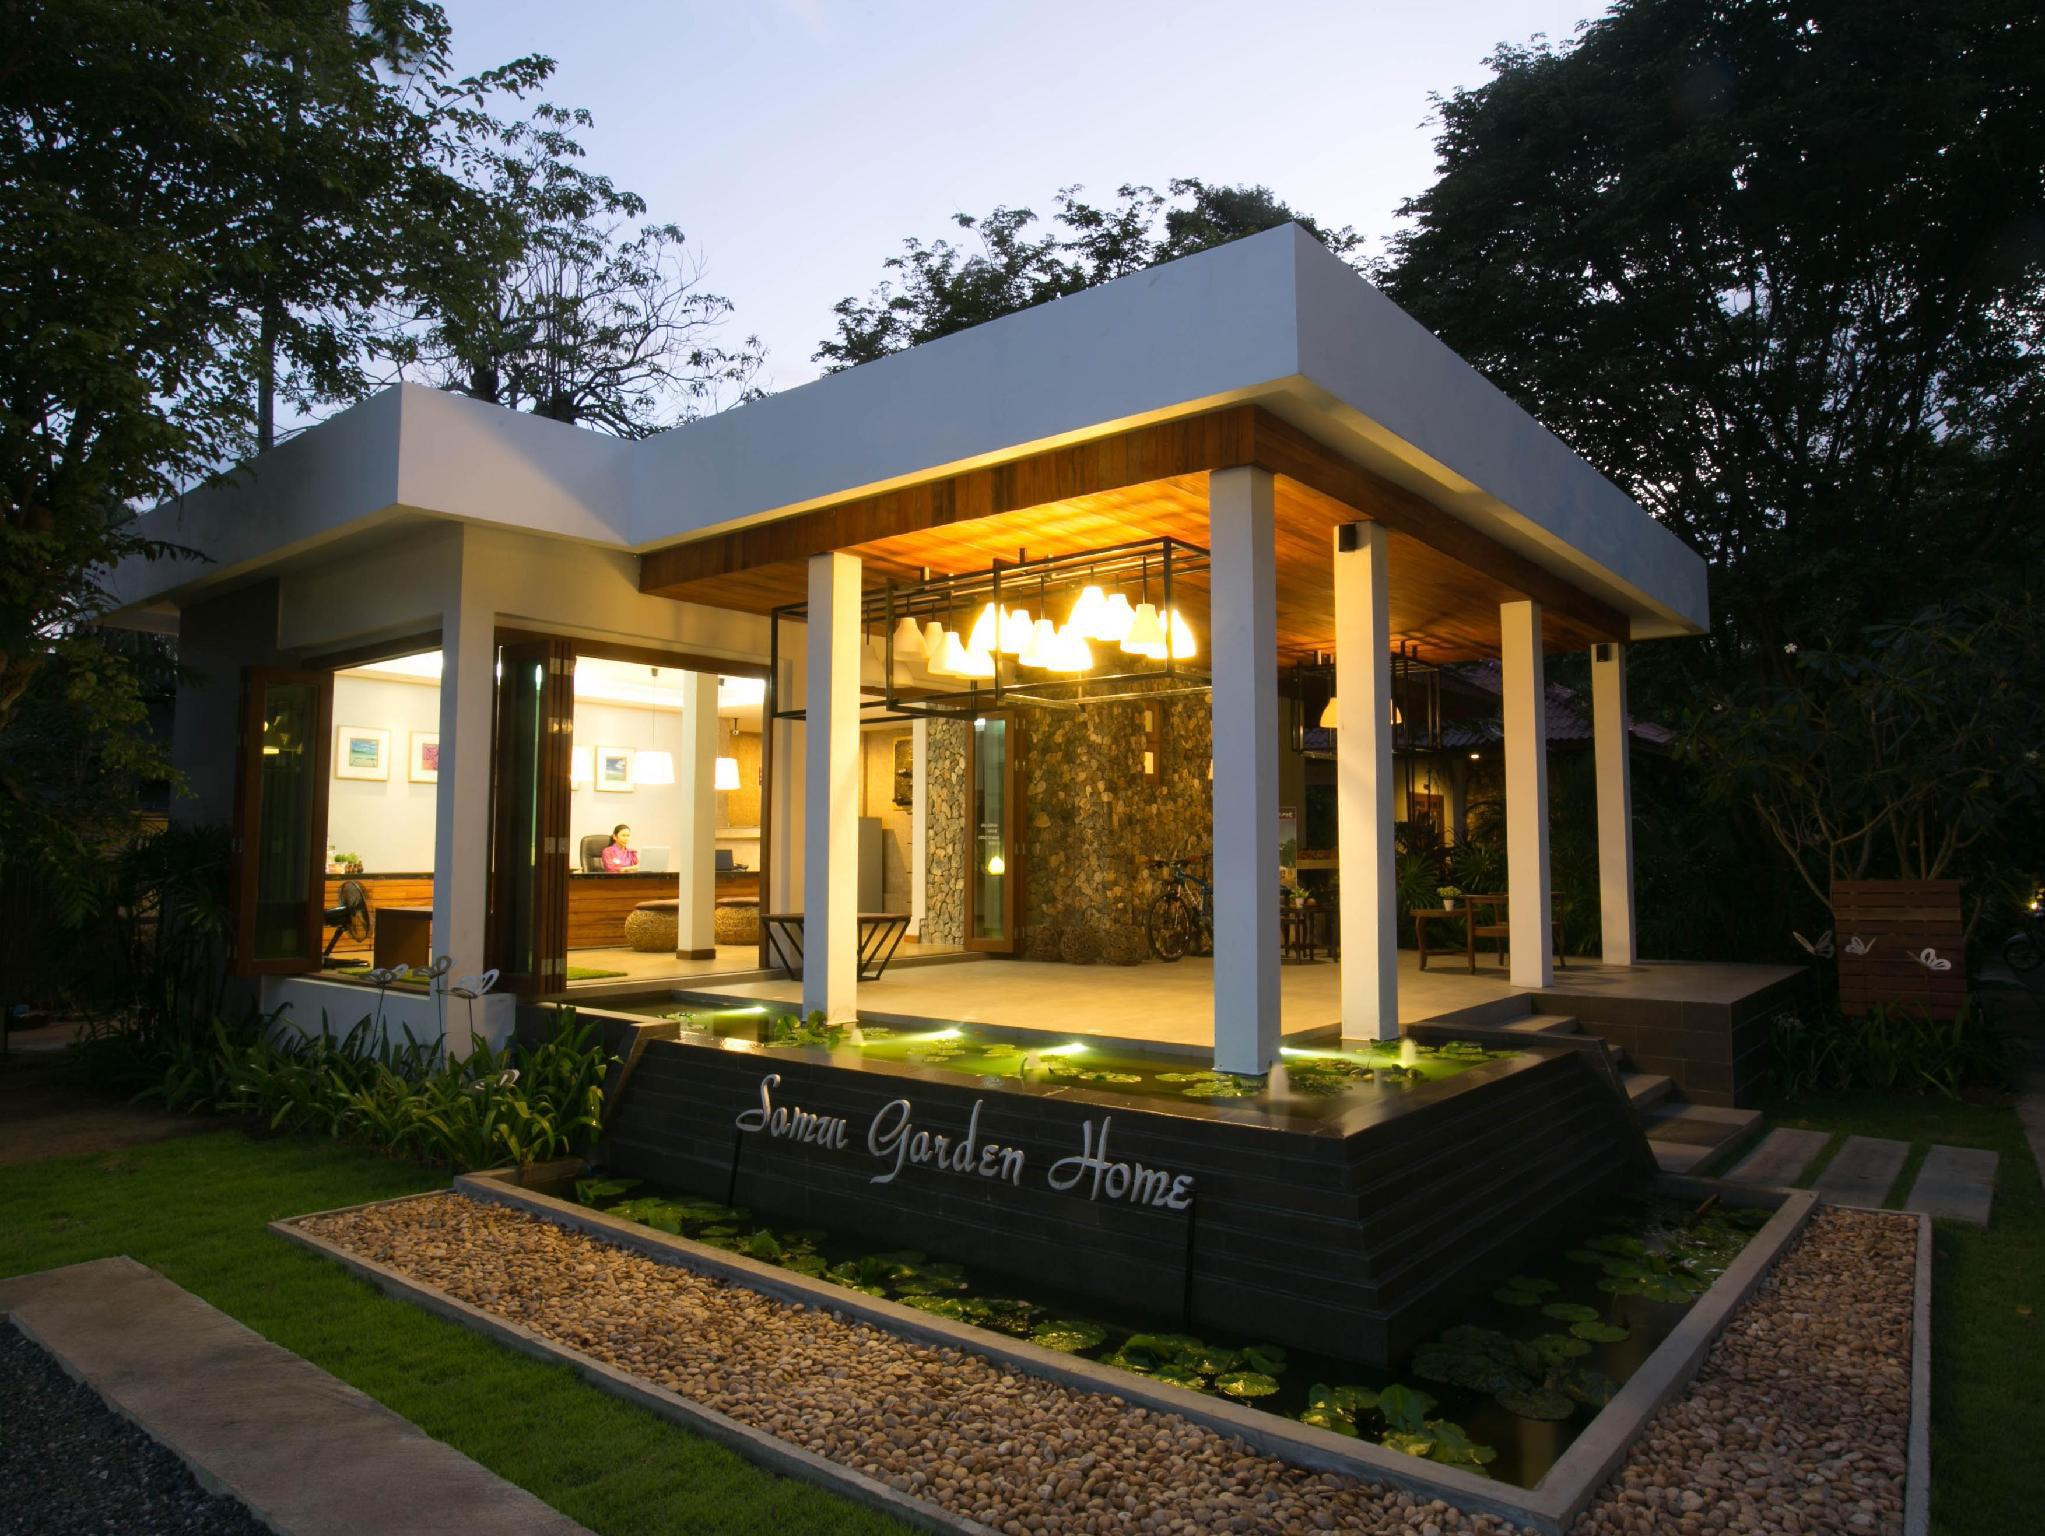 Samui Garden Home Hotel โรงแรมสมุย การ์เด้น โฮม